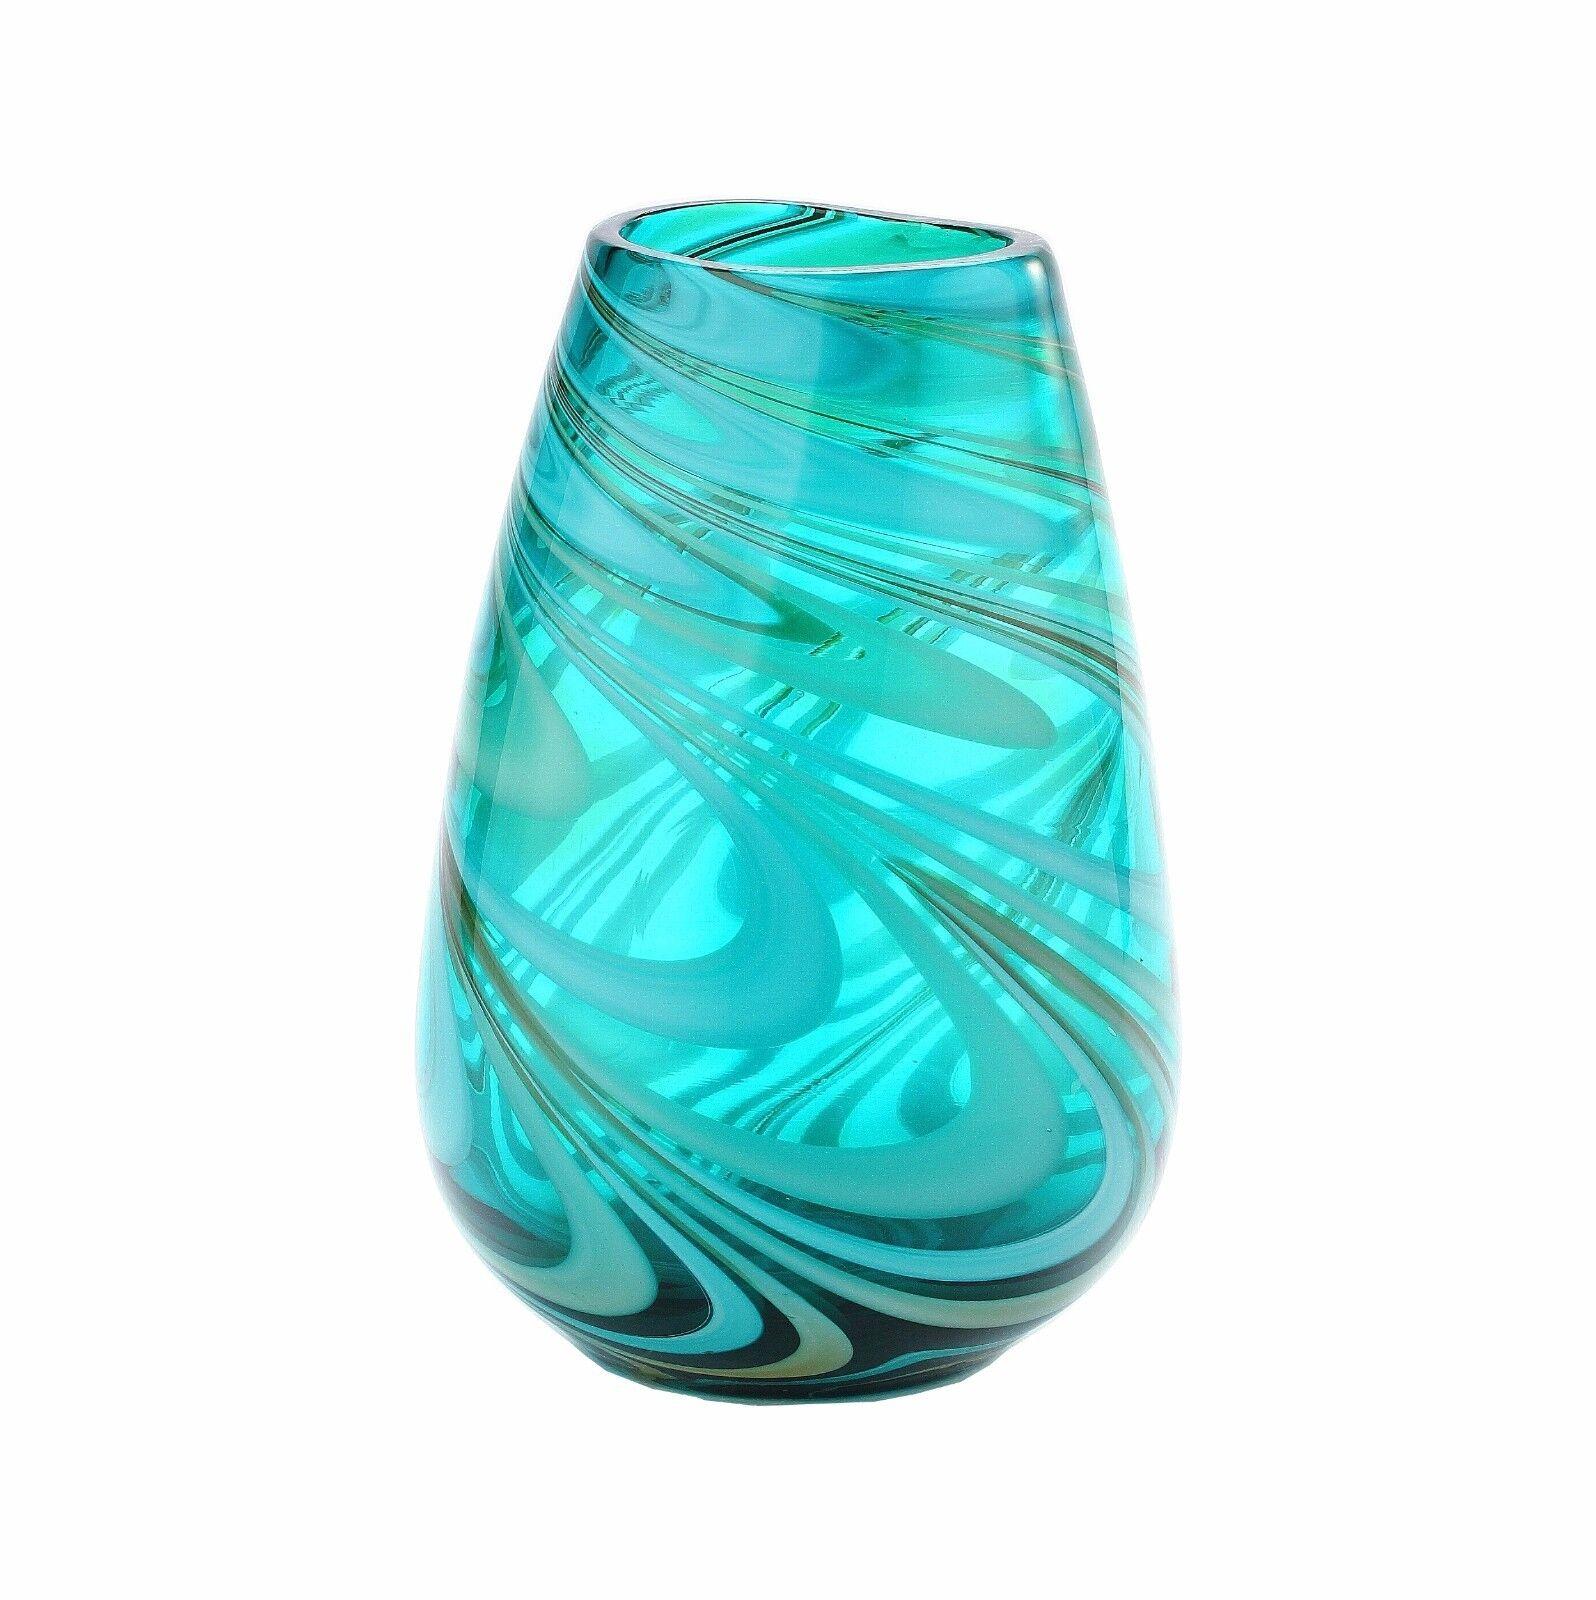 New 10  Hand Blown Art Glass Vase Grün Swirl Design Decorative